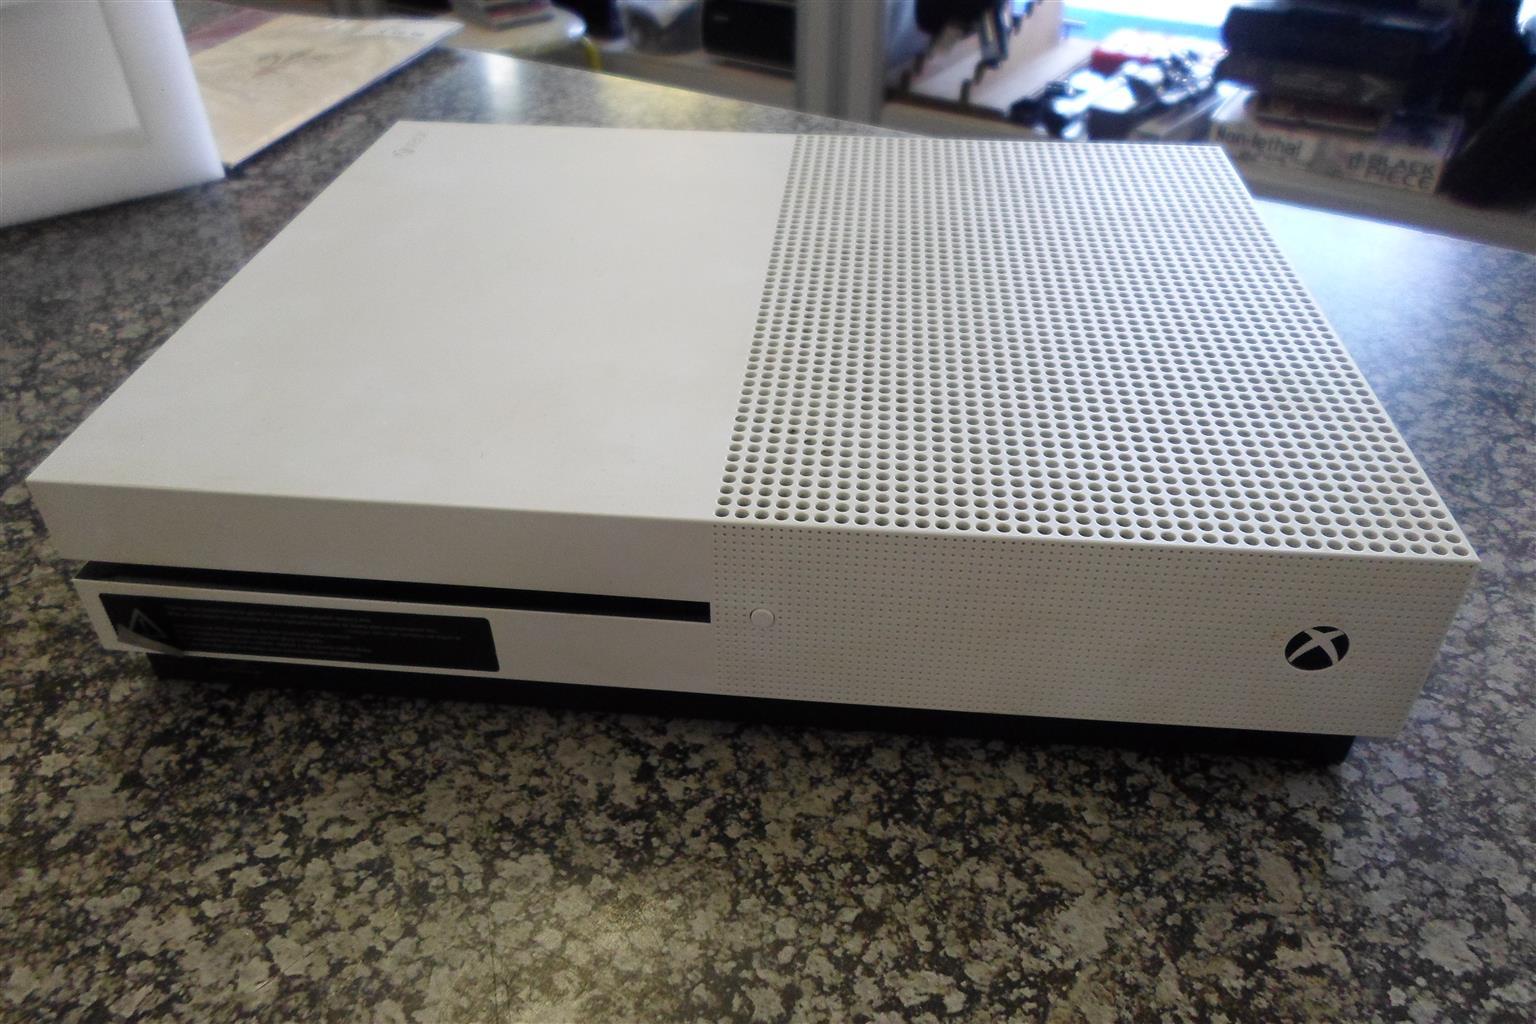 1TB XBOX 360